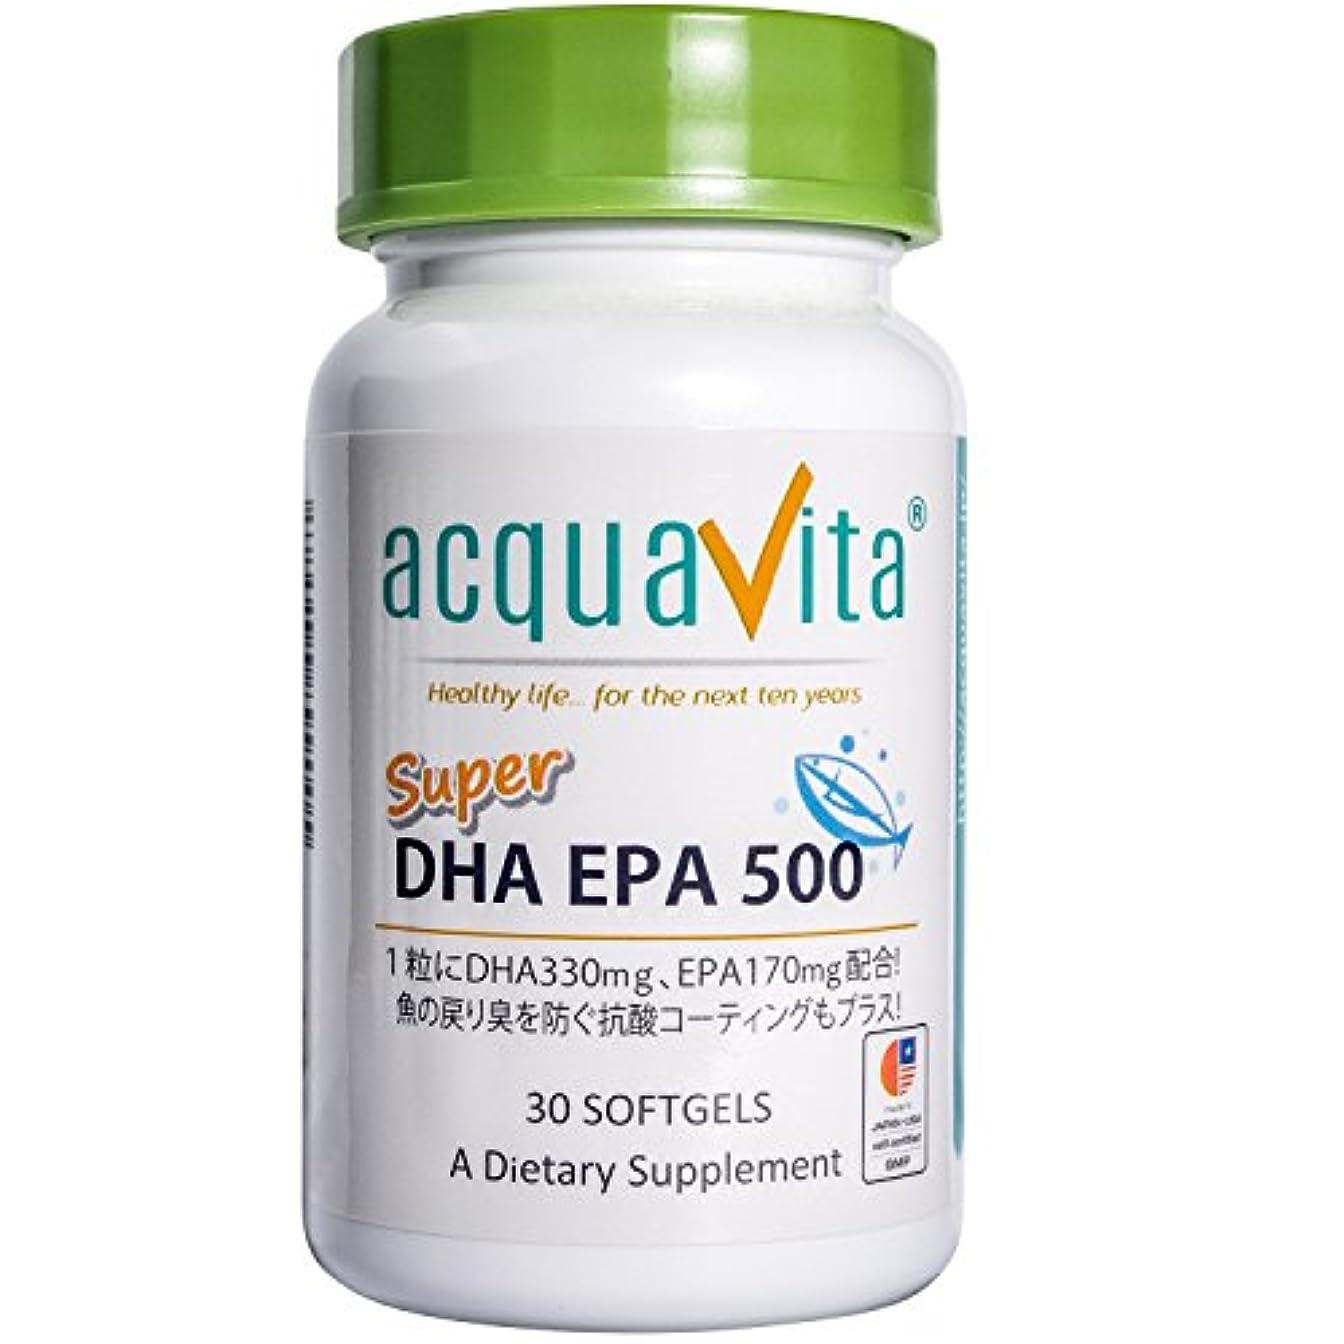 良性申し立てられた独占acquavita(アクアヴィータ) スーパーDHAEPA500 30粒